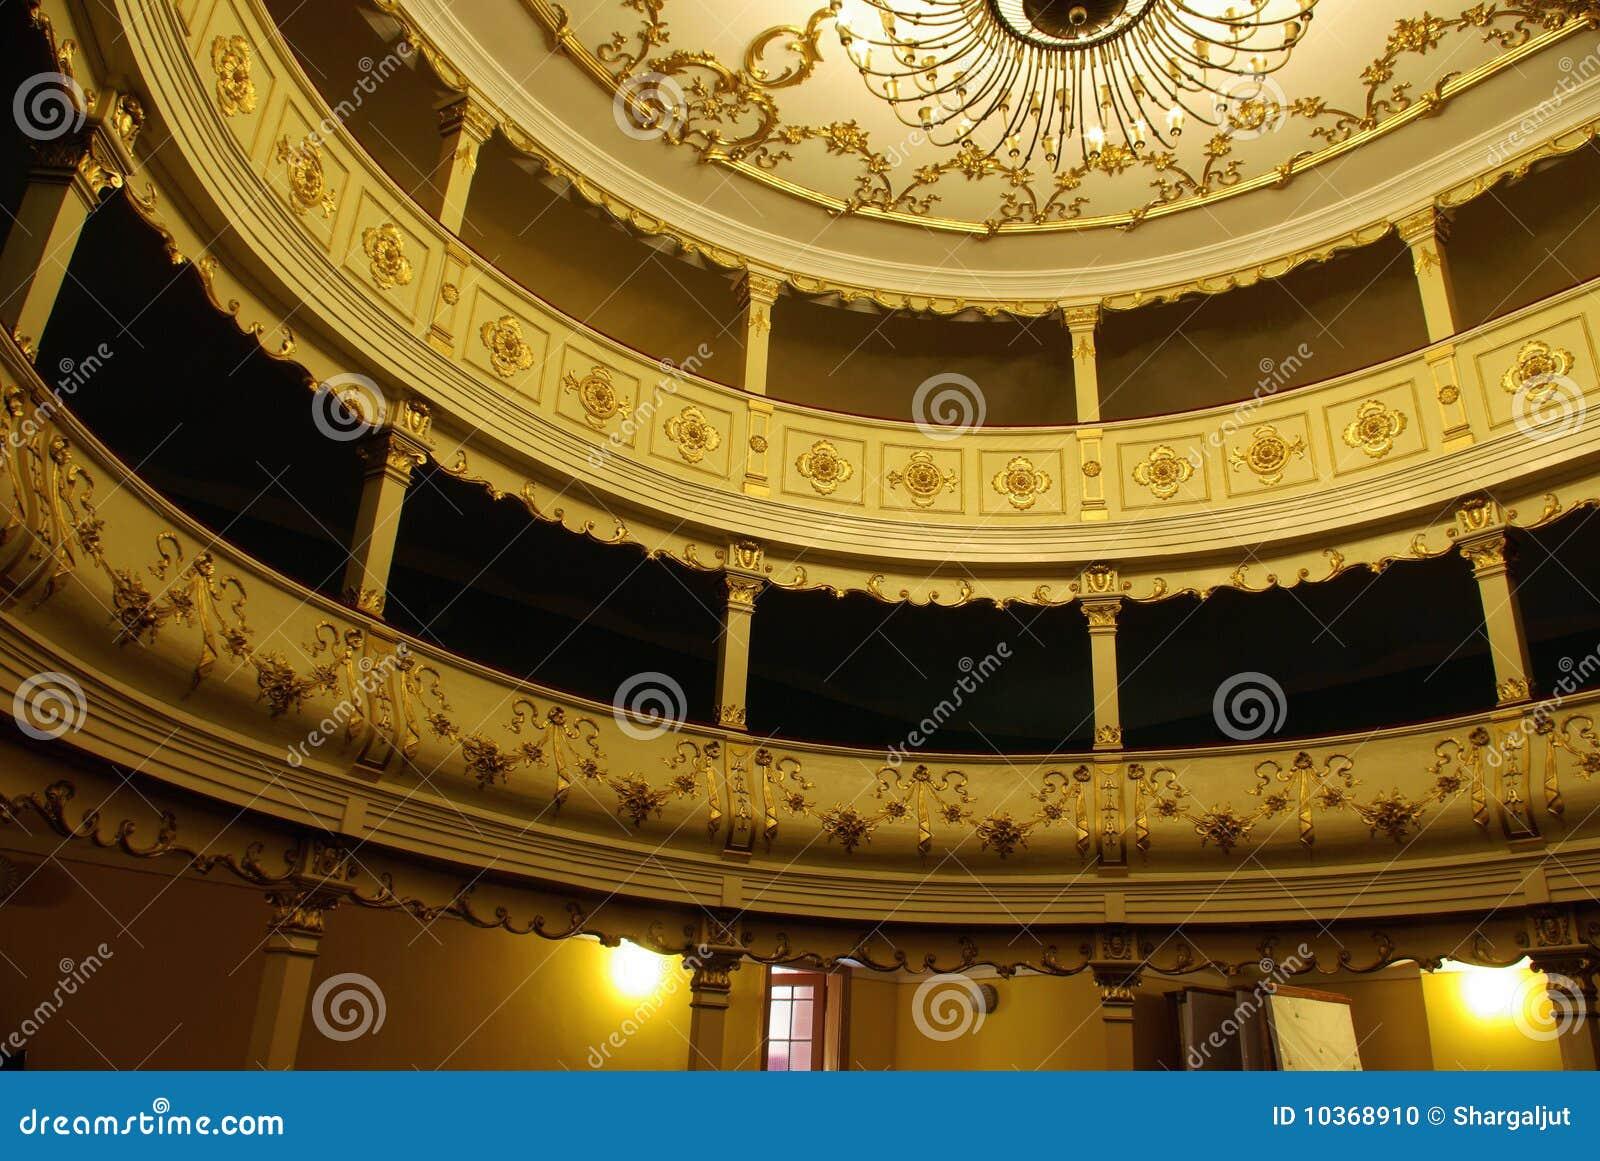 Teatro rumano